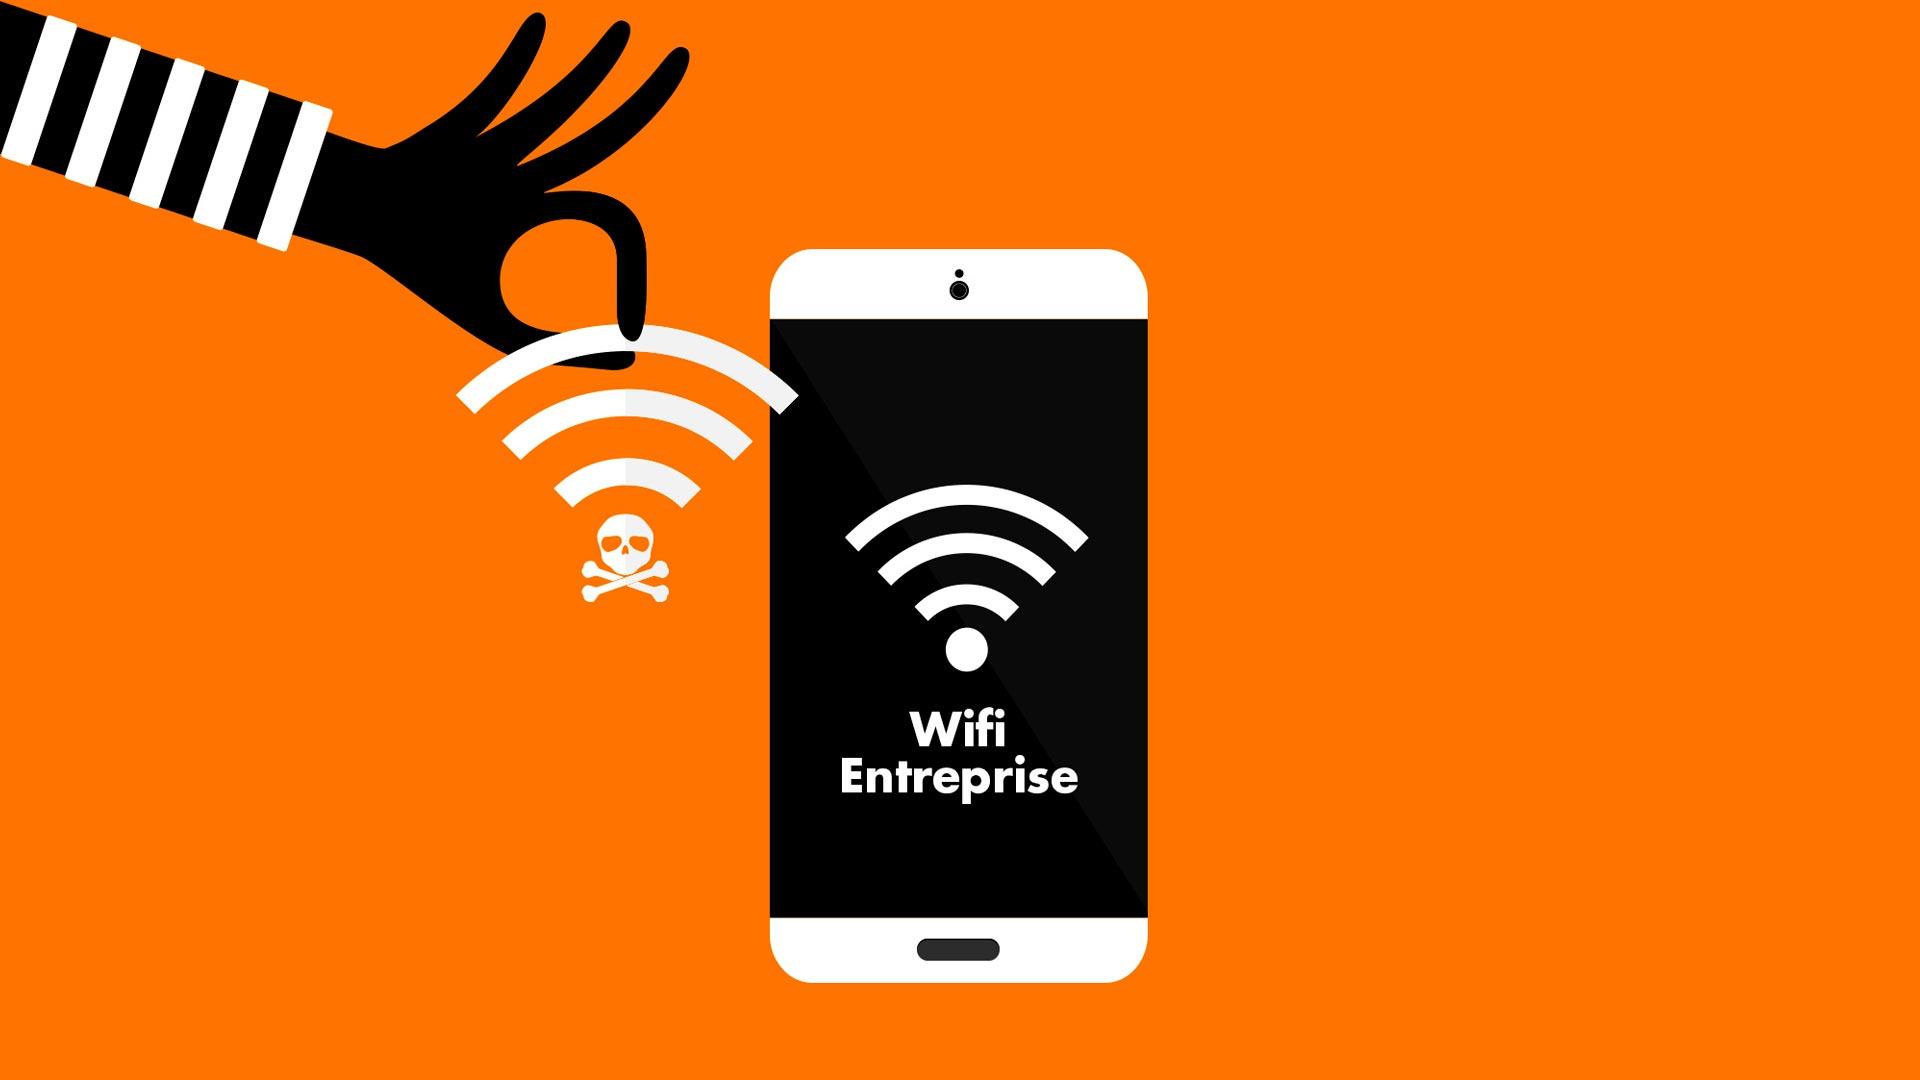 Pourquoi est-il important de bien configurer son réseau Wi-Fi d'entreprise